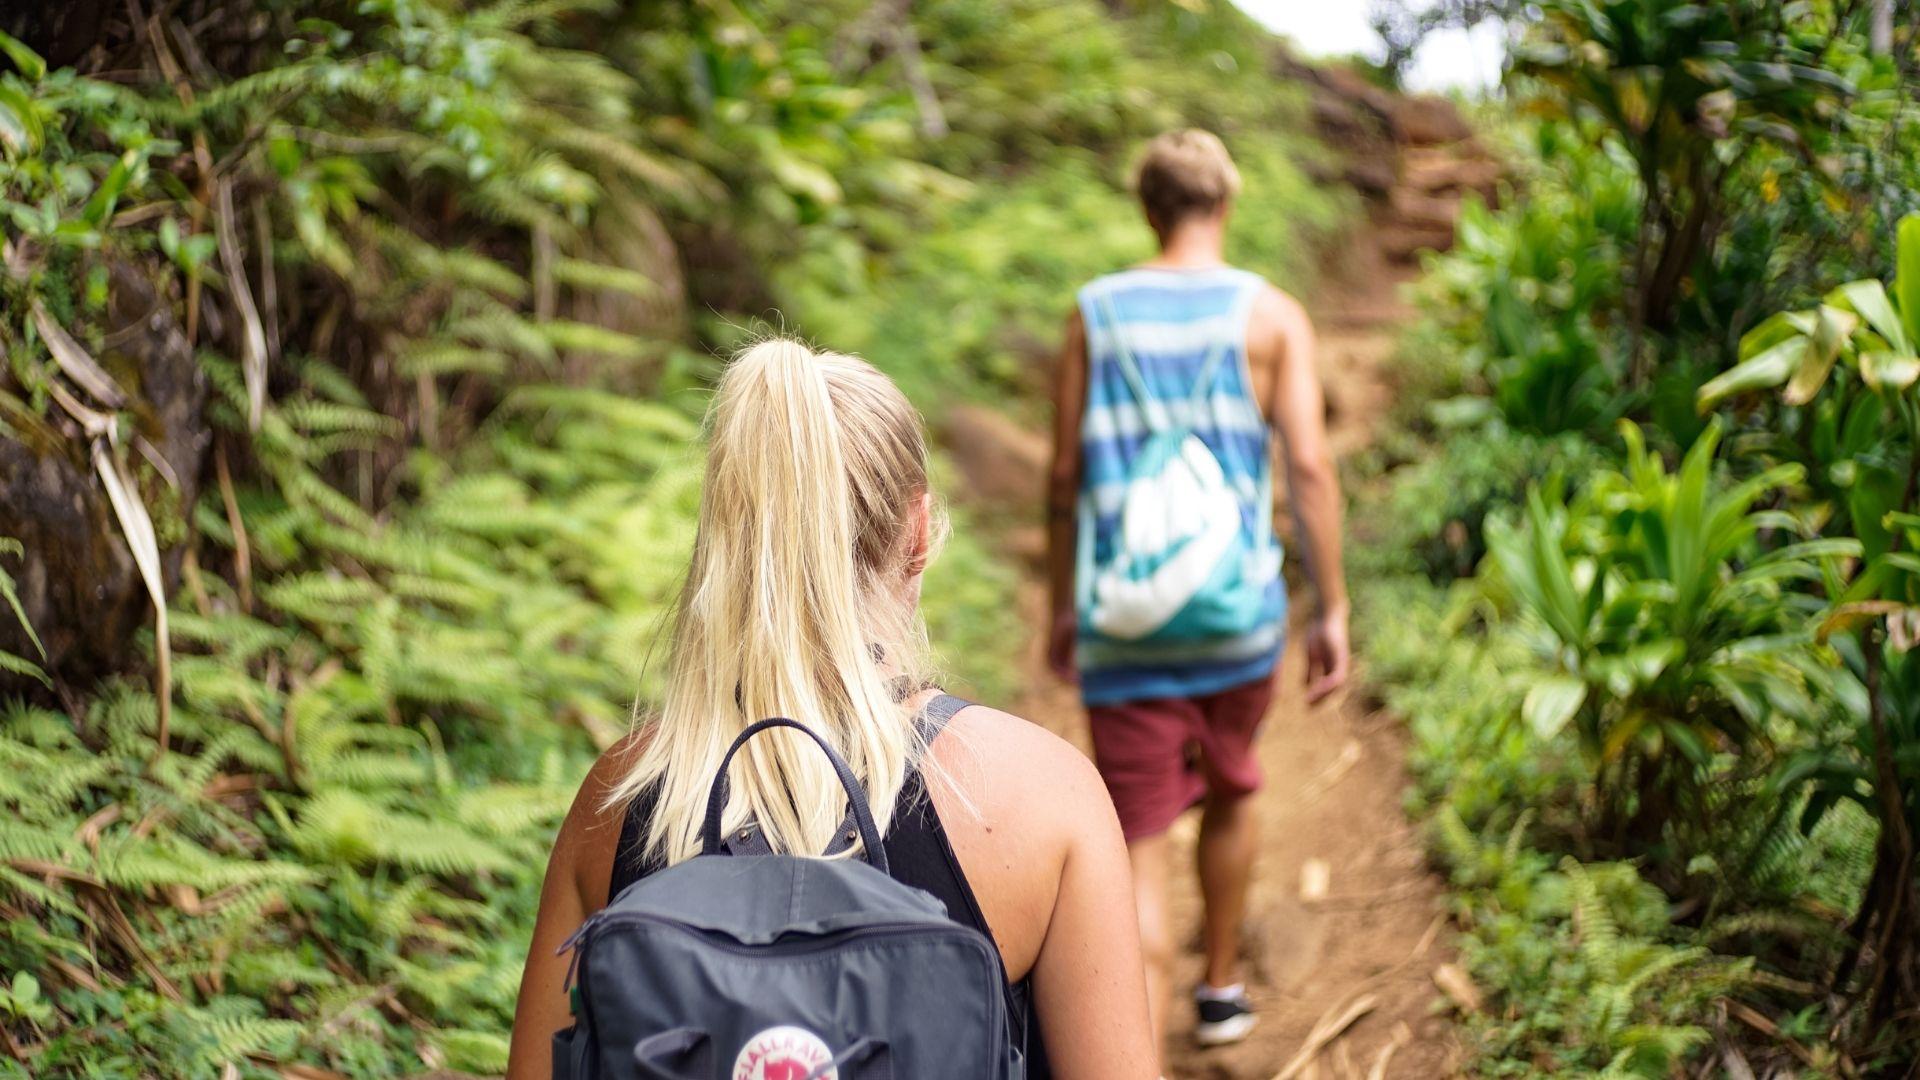 Doğa Yürüyüşüne Çıkmadan Alınacak Önlemler